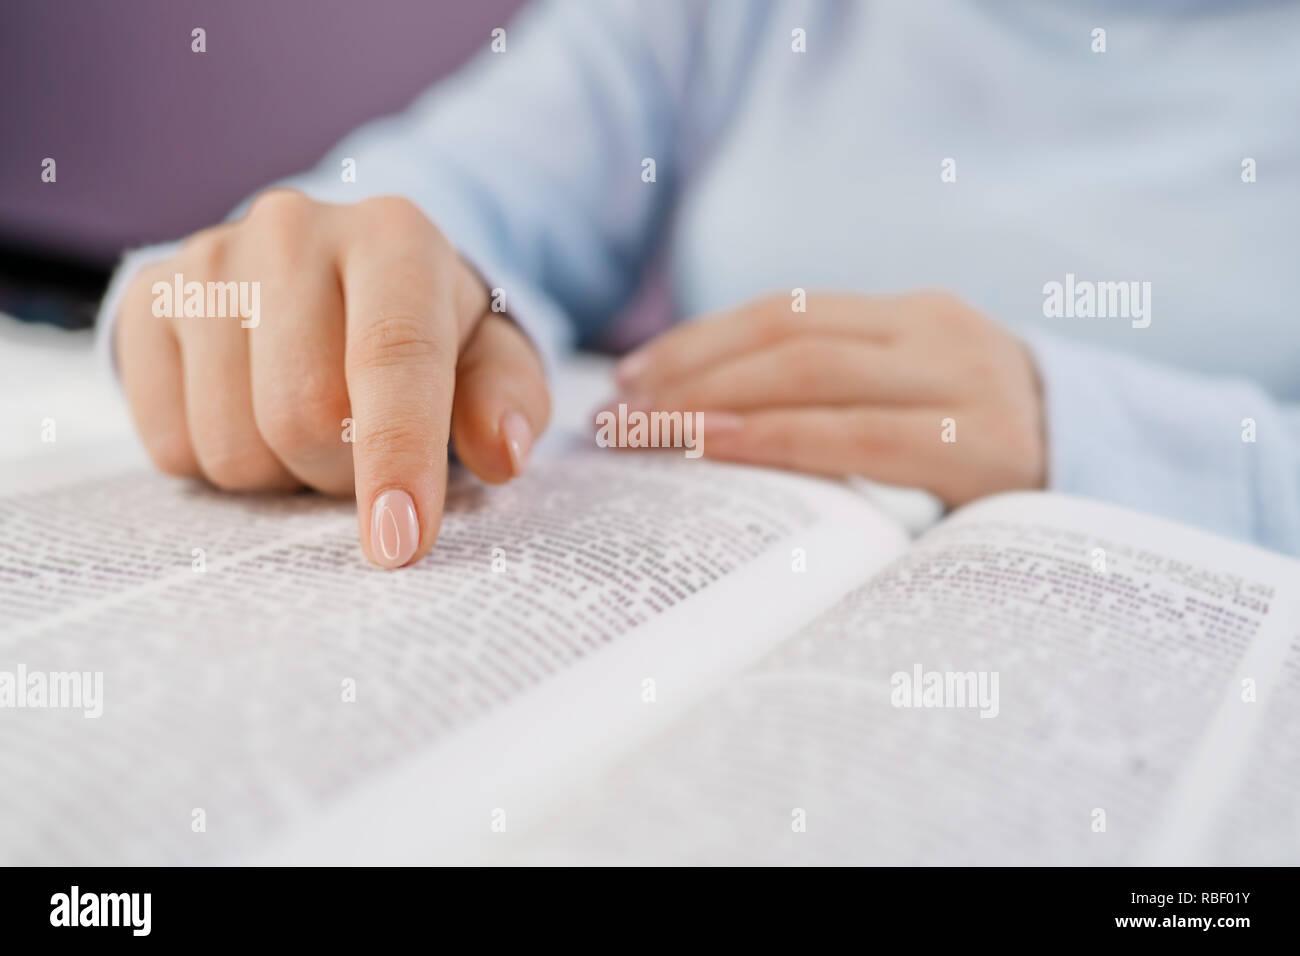 Studente nella biblioteca del college la preparazione per gli esami. Apprendimento, gratitudine, il concetto di religione. Irriconoscibile donna lettura big book - la Santa Bibbia e pregando. Christian studiare le scritture. Foto Stock